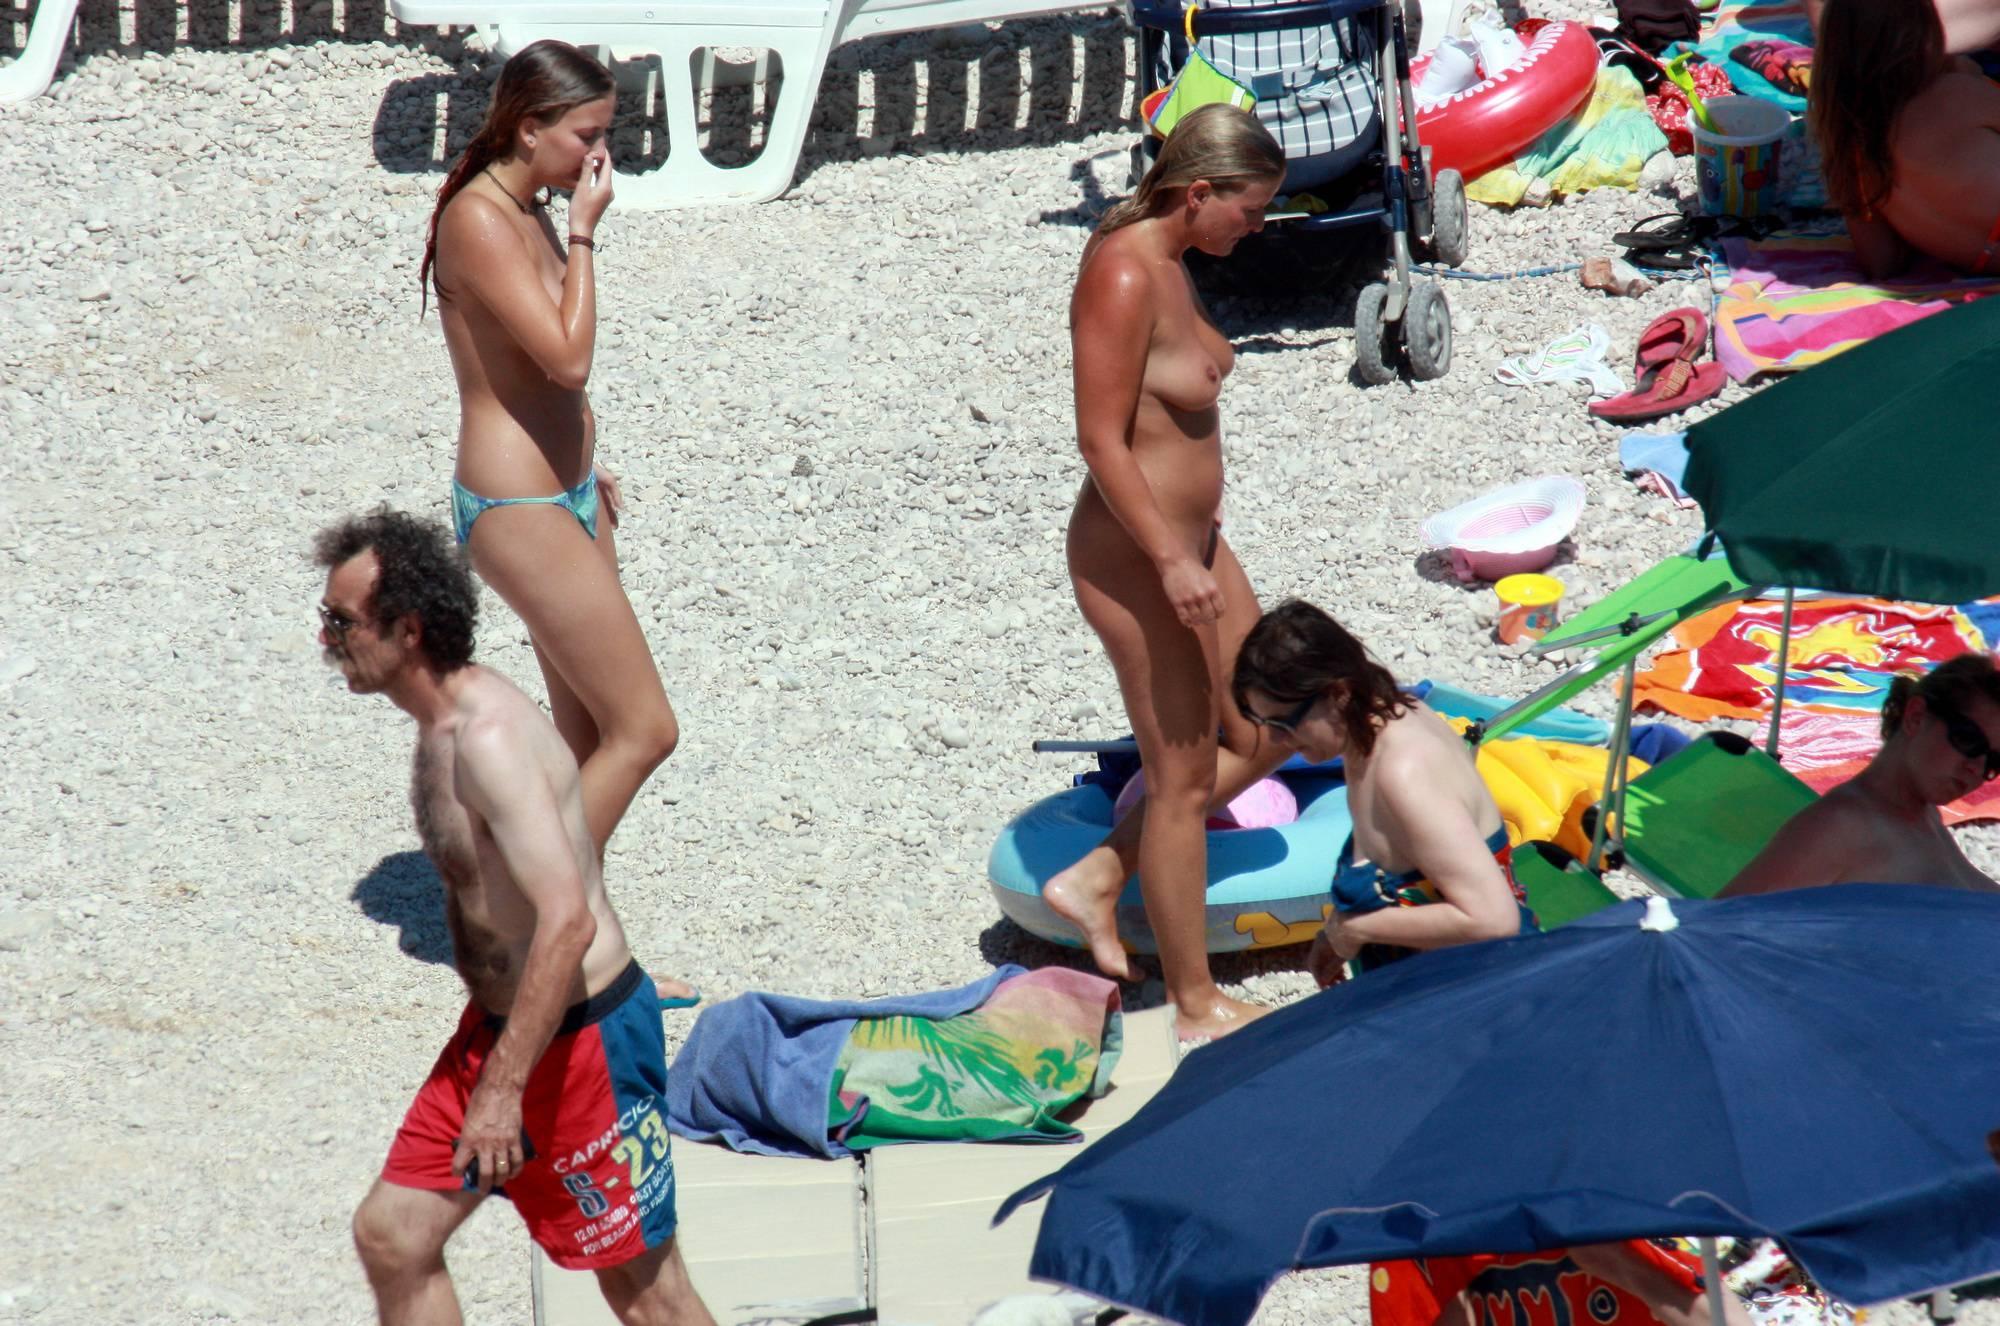 Nudist Pics Naturist Blue Topless Girl - 2